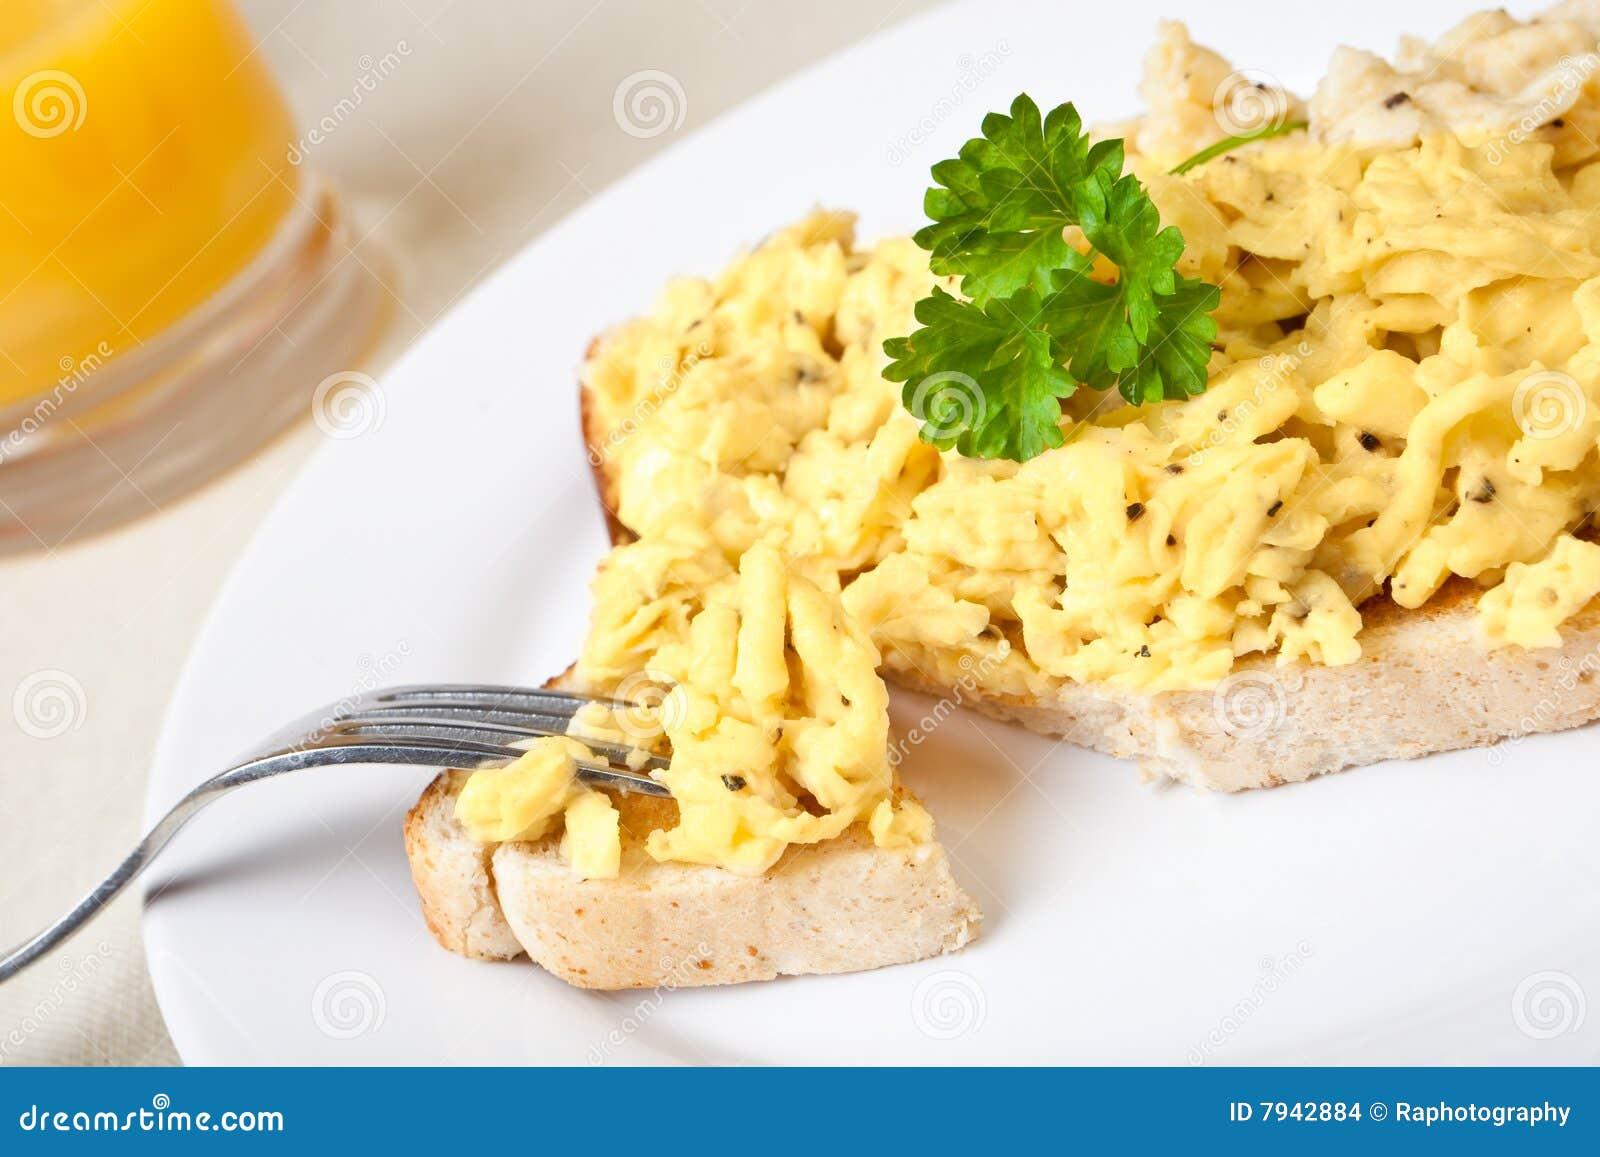 scrambled-egg-toast-7942884.jpg